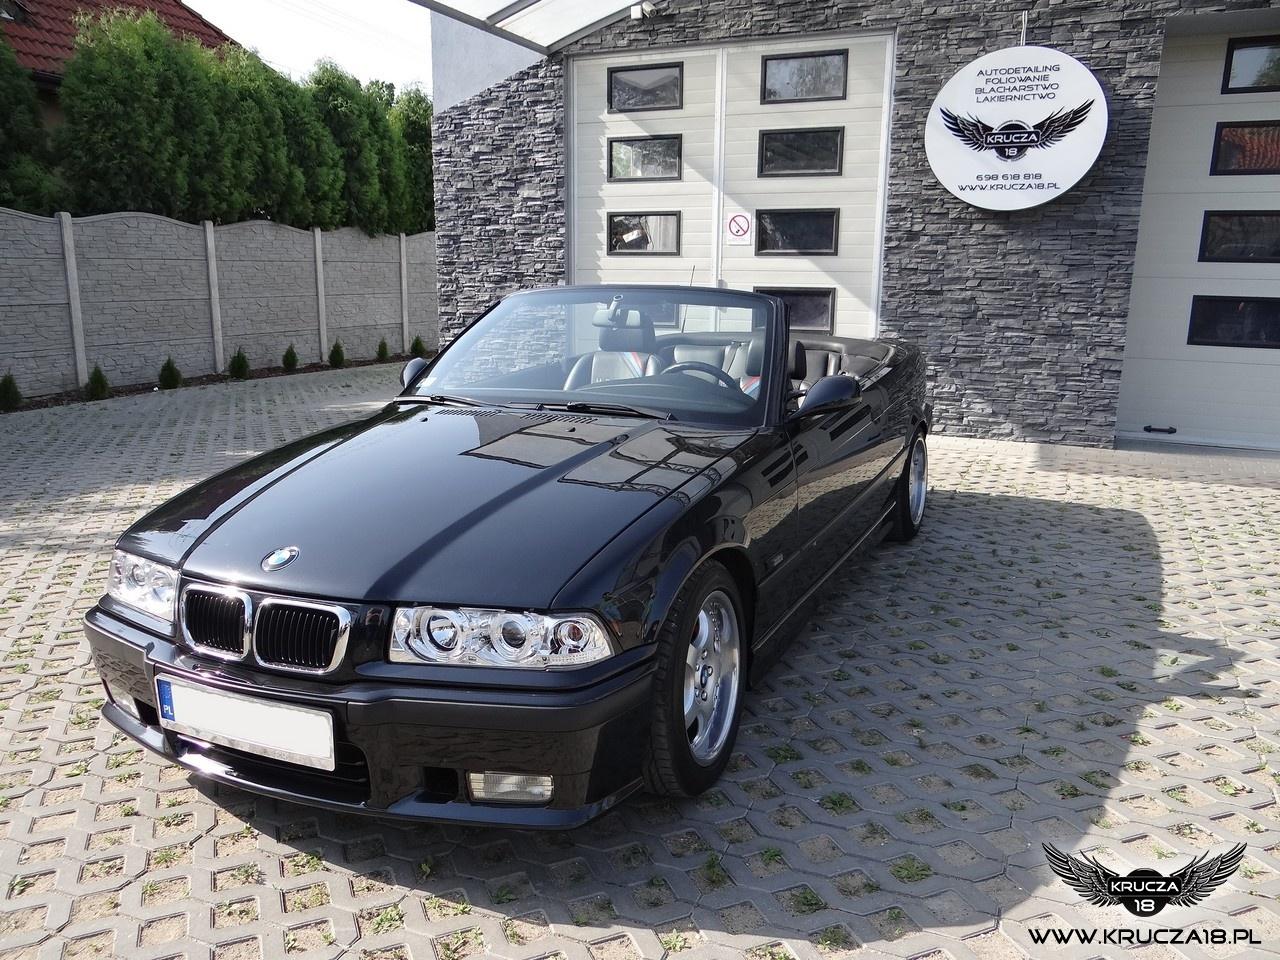 BMW 3 Cabrio - Ceramic PRO 9H